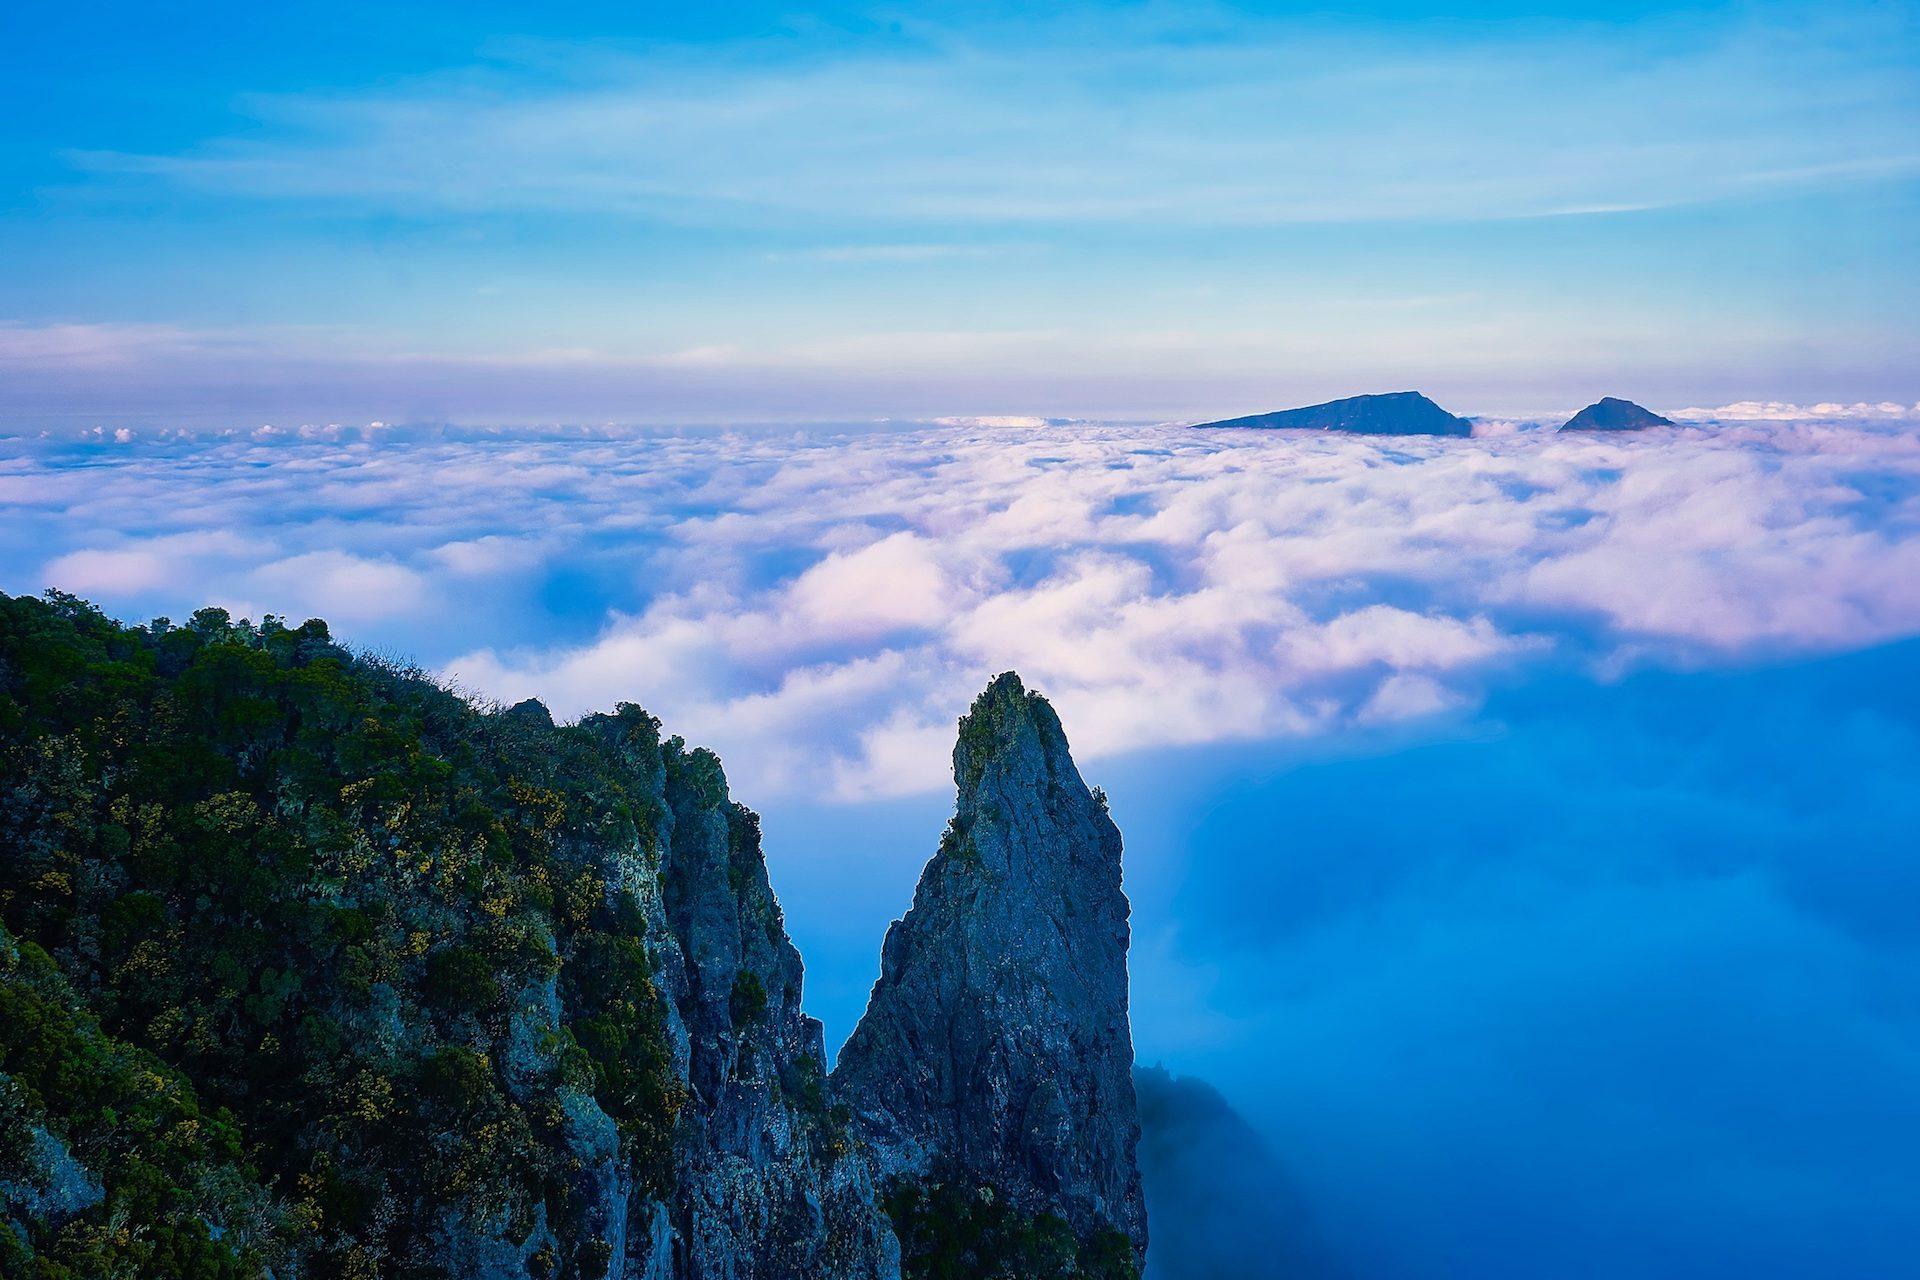 雲, 山, ハイツ, ページのトップへ, まいど pito, 火山, 島会議 - HD の壁紙 - 教授-falken.com